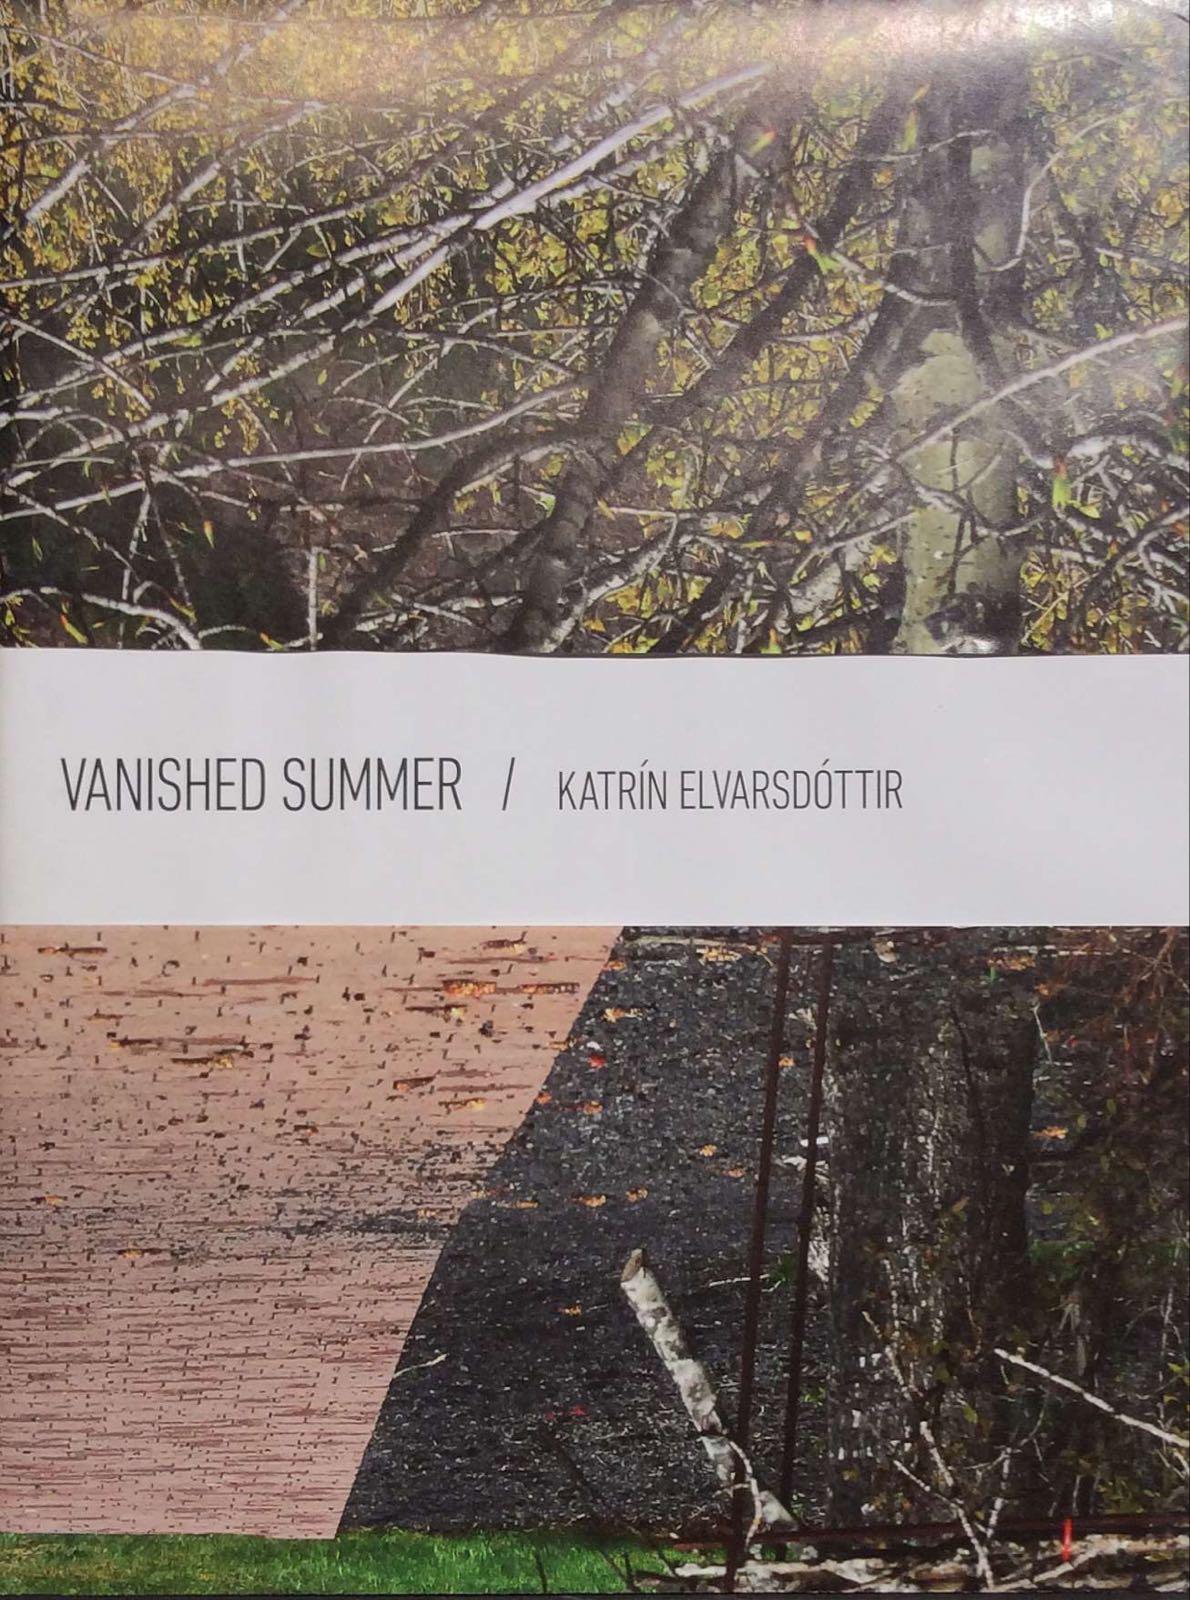 Elvarsdottir, Katrin. Vanished Summer